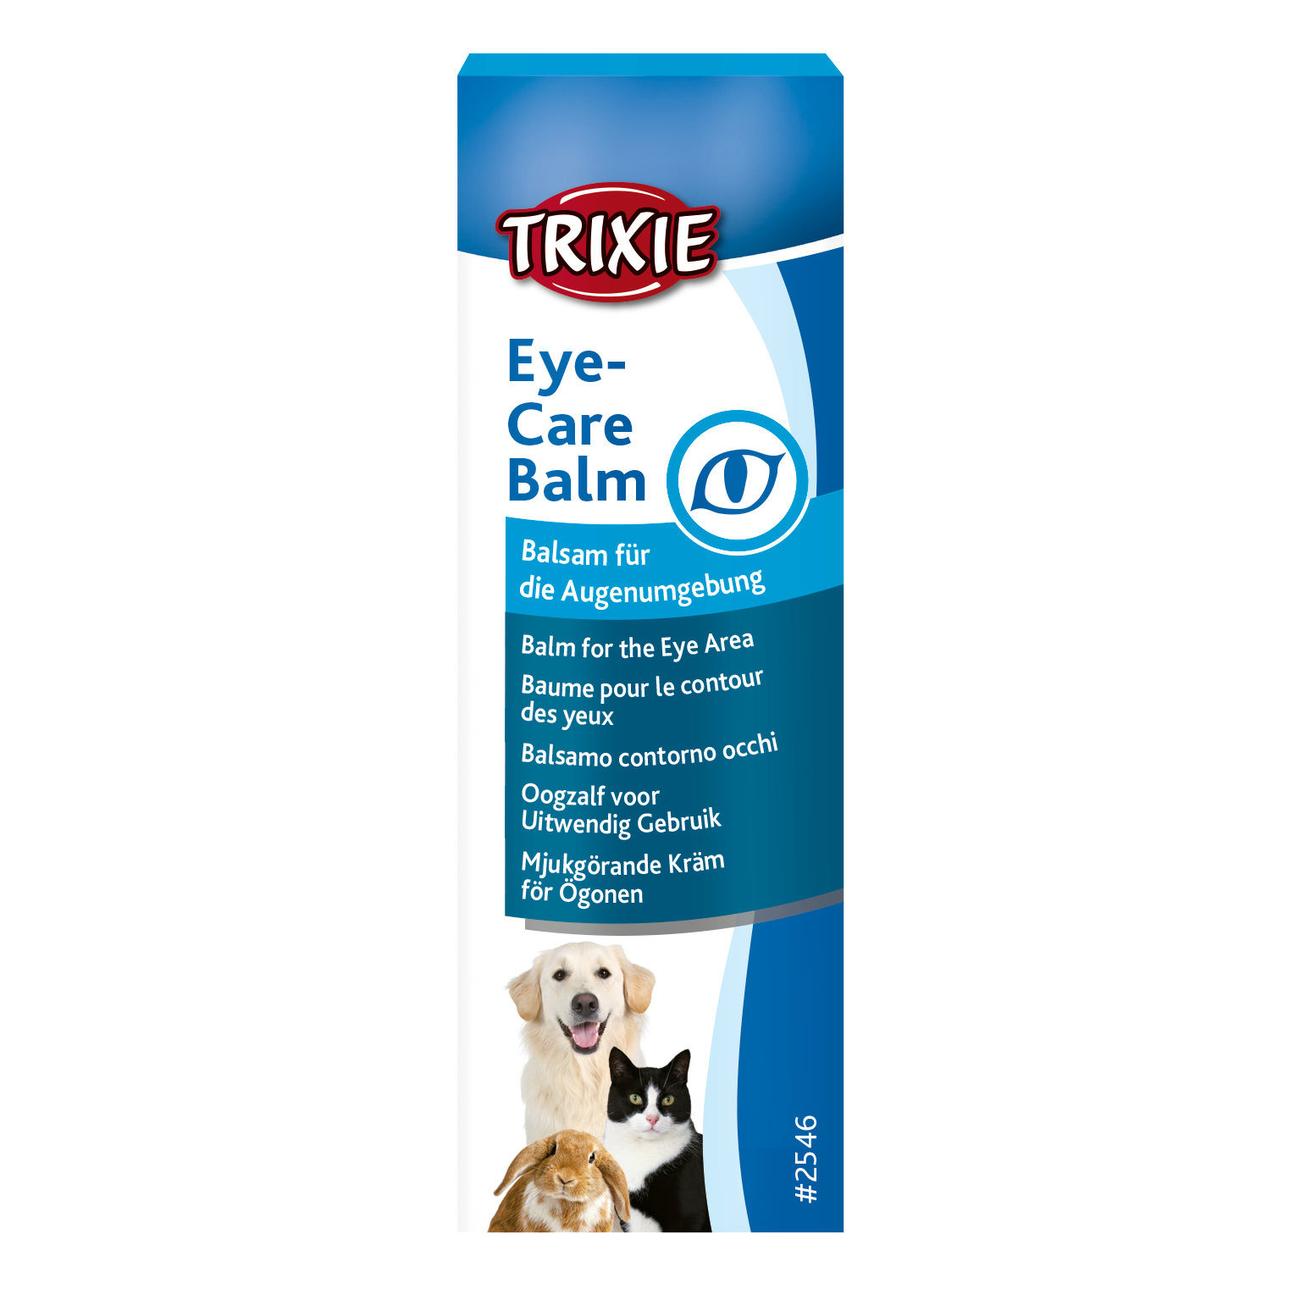 Trixie Augenpflege für Hunde und Haustiere 2546, Bild 2